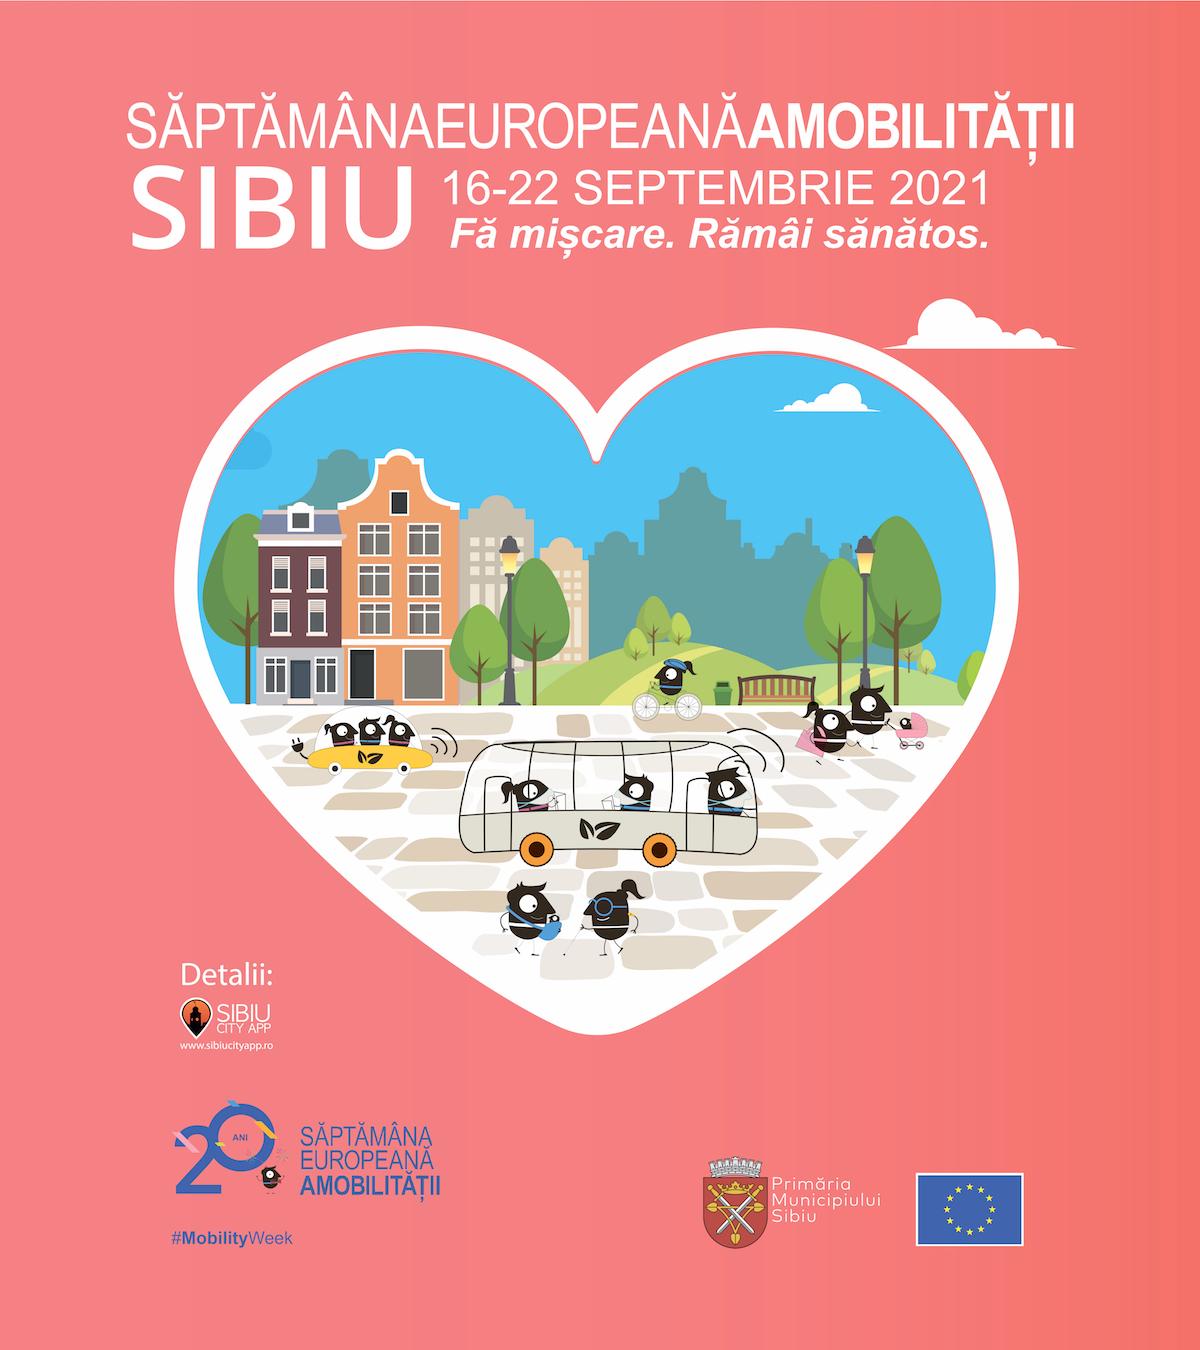 Săptămâna Europeană a Mobilității în Sibiu: învățăm împreună să trecem la o mobilitate alternativă